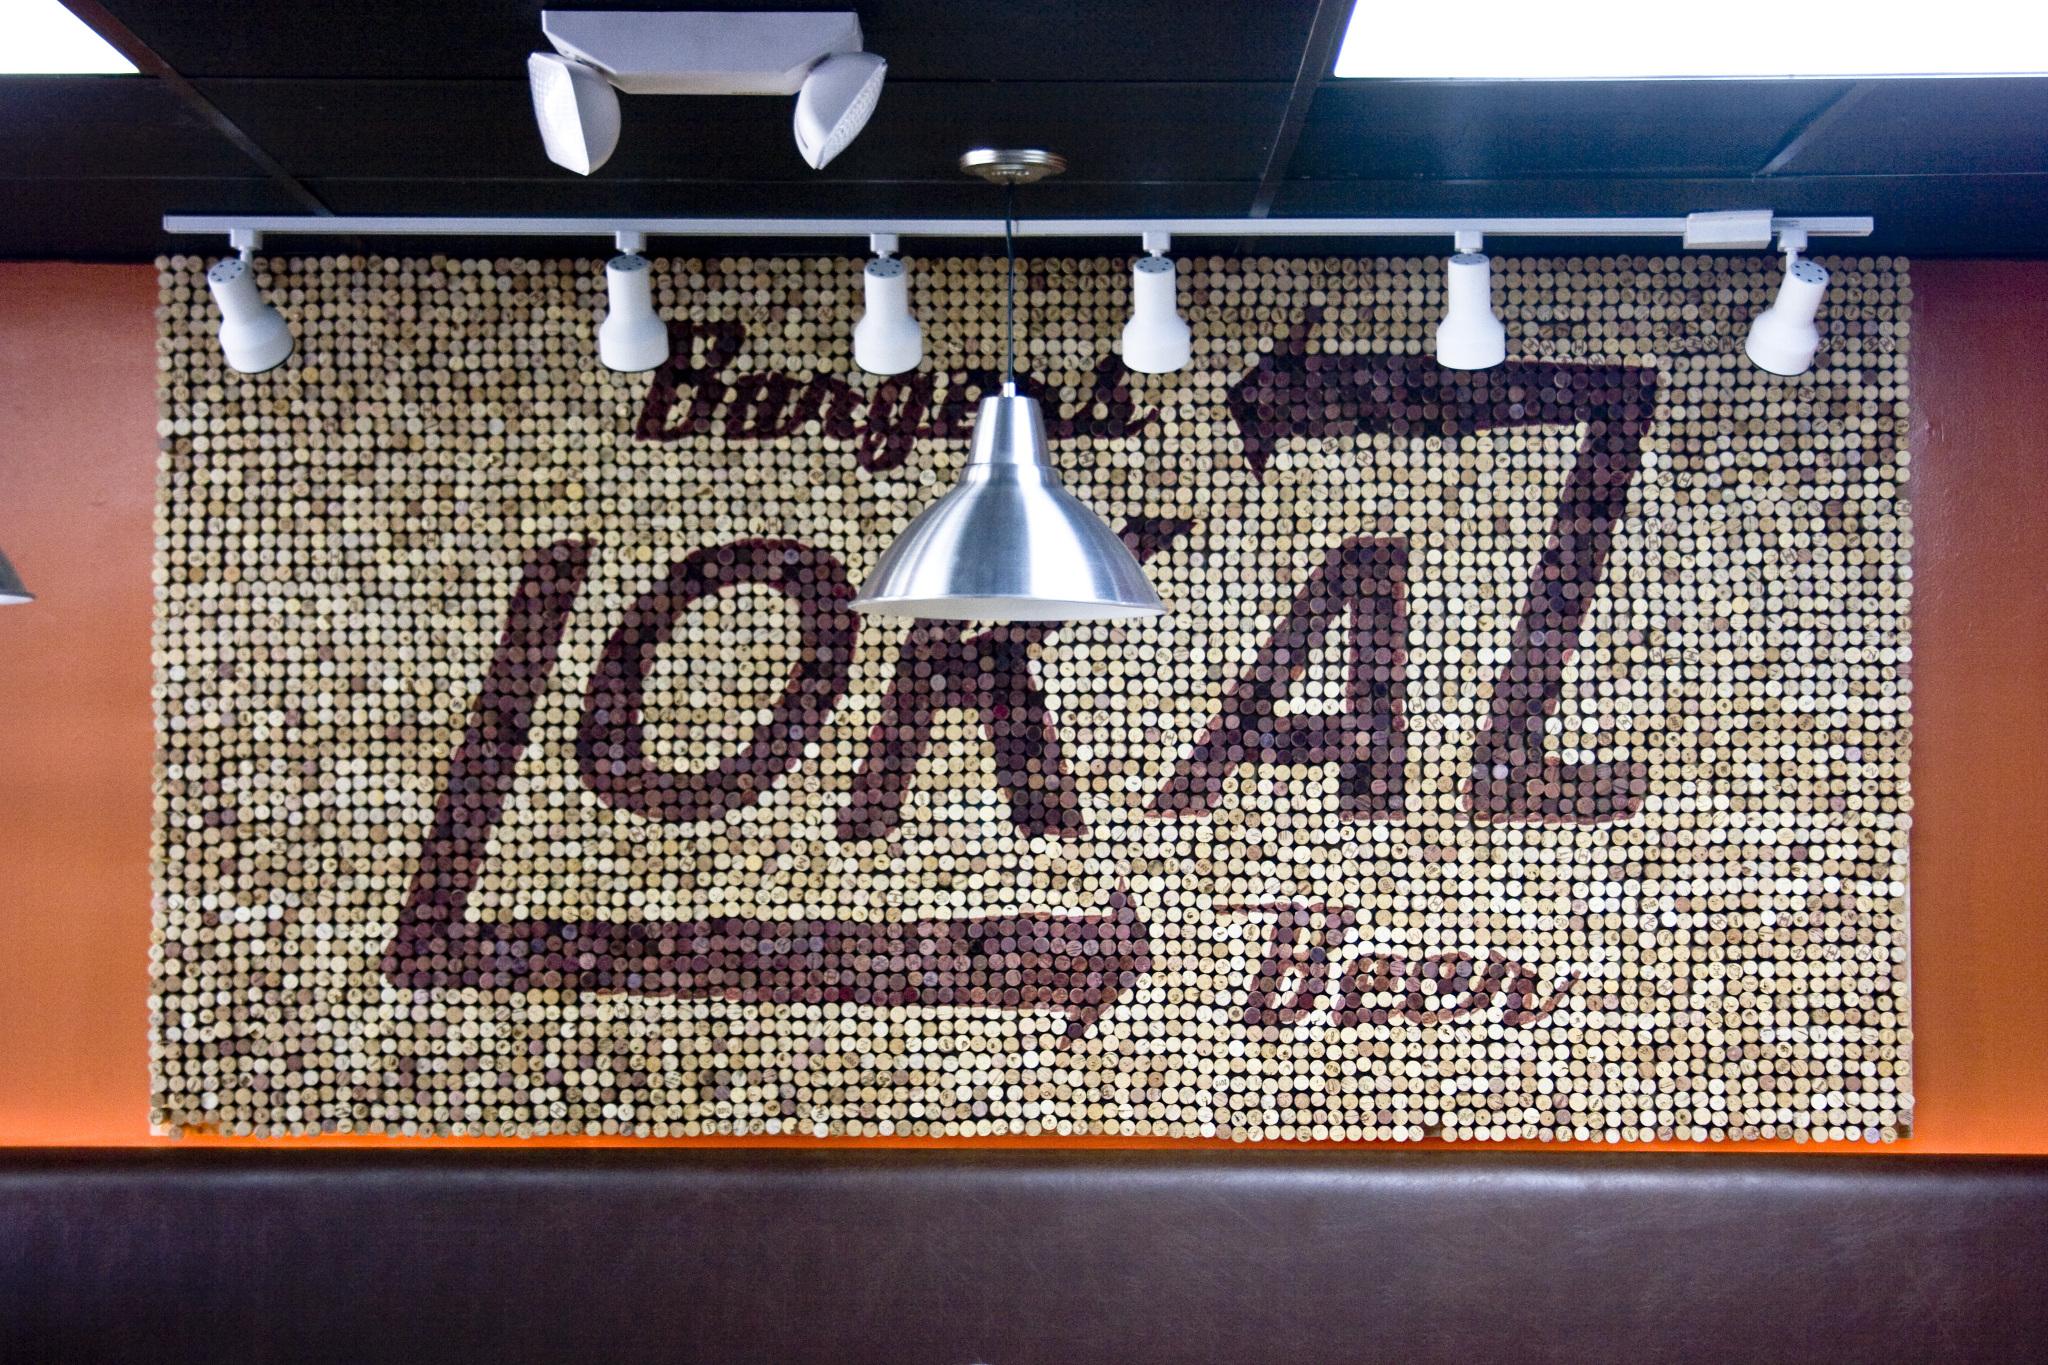 lokal_branding_by_camilo_rojas 17_o.jpg